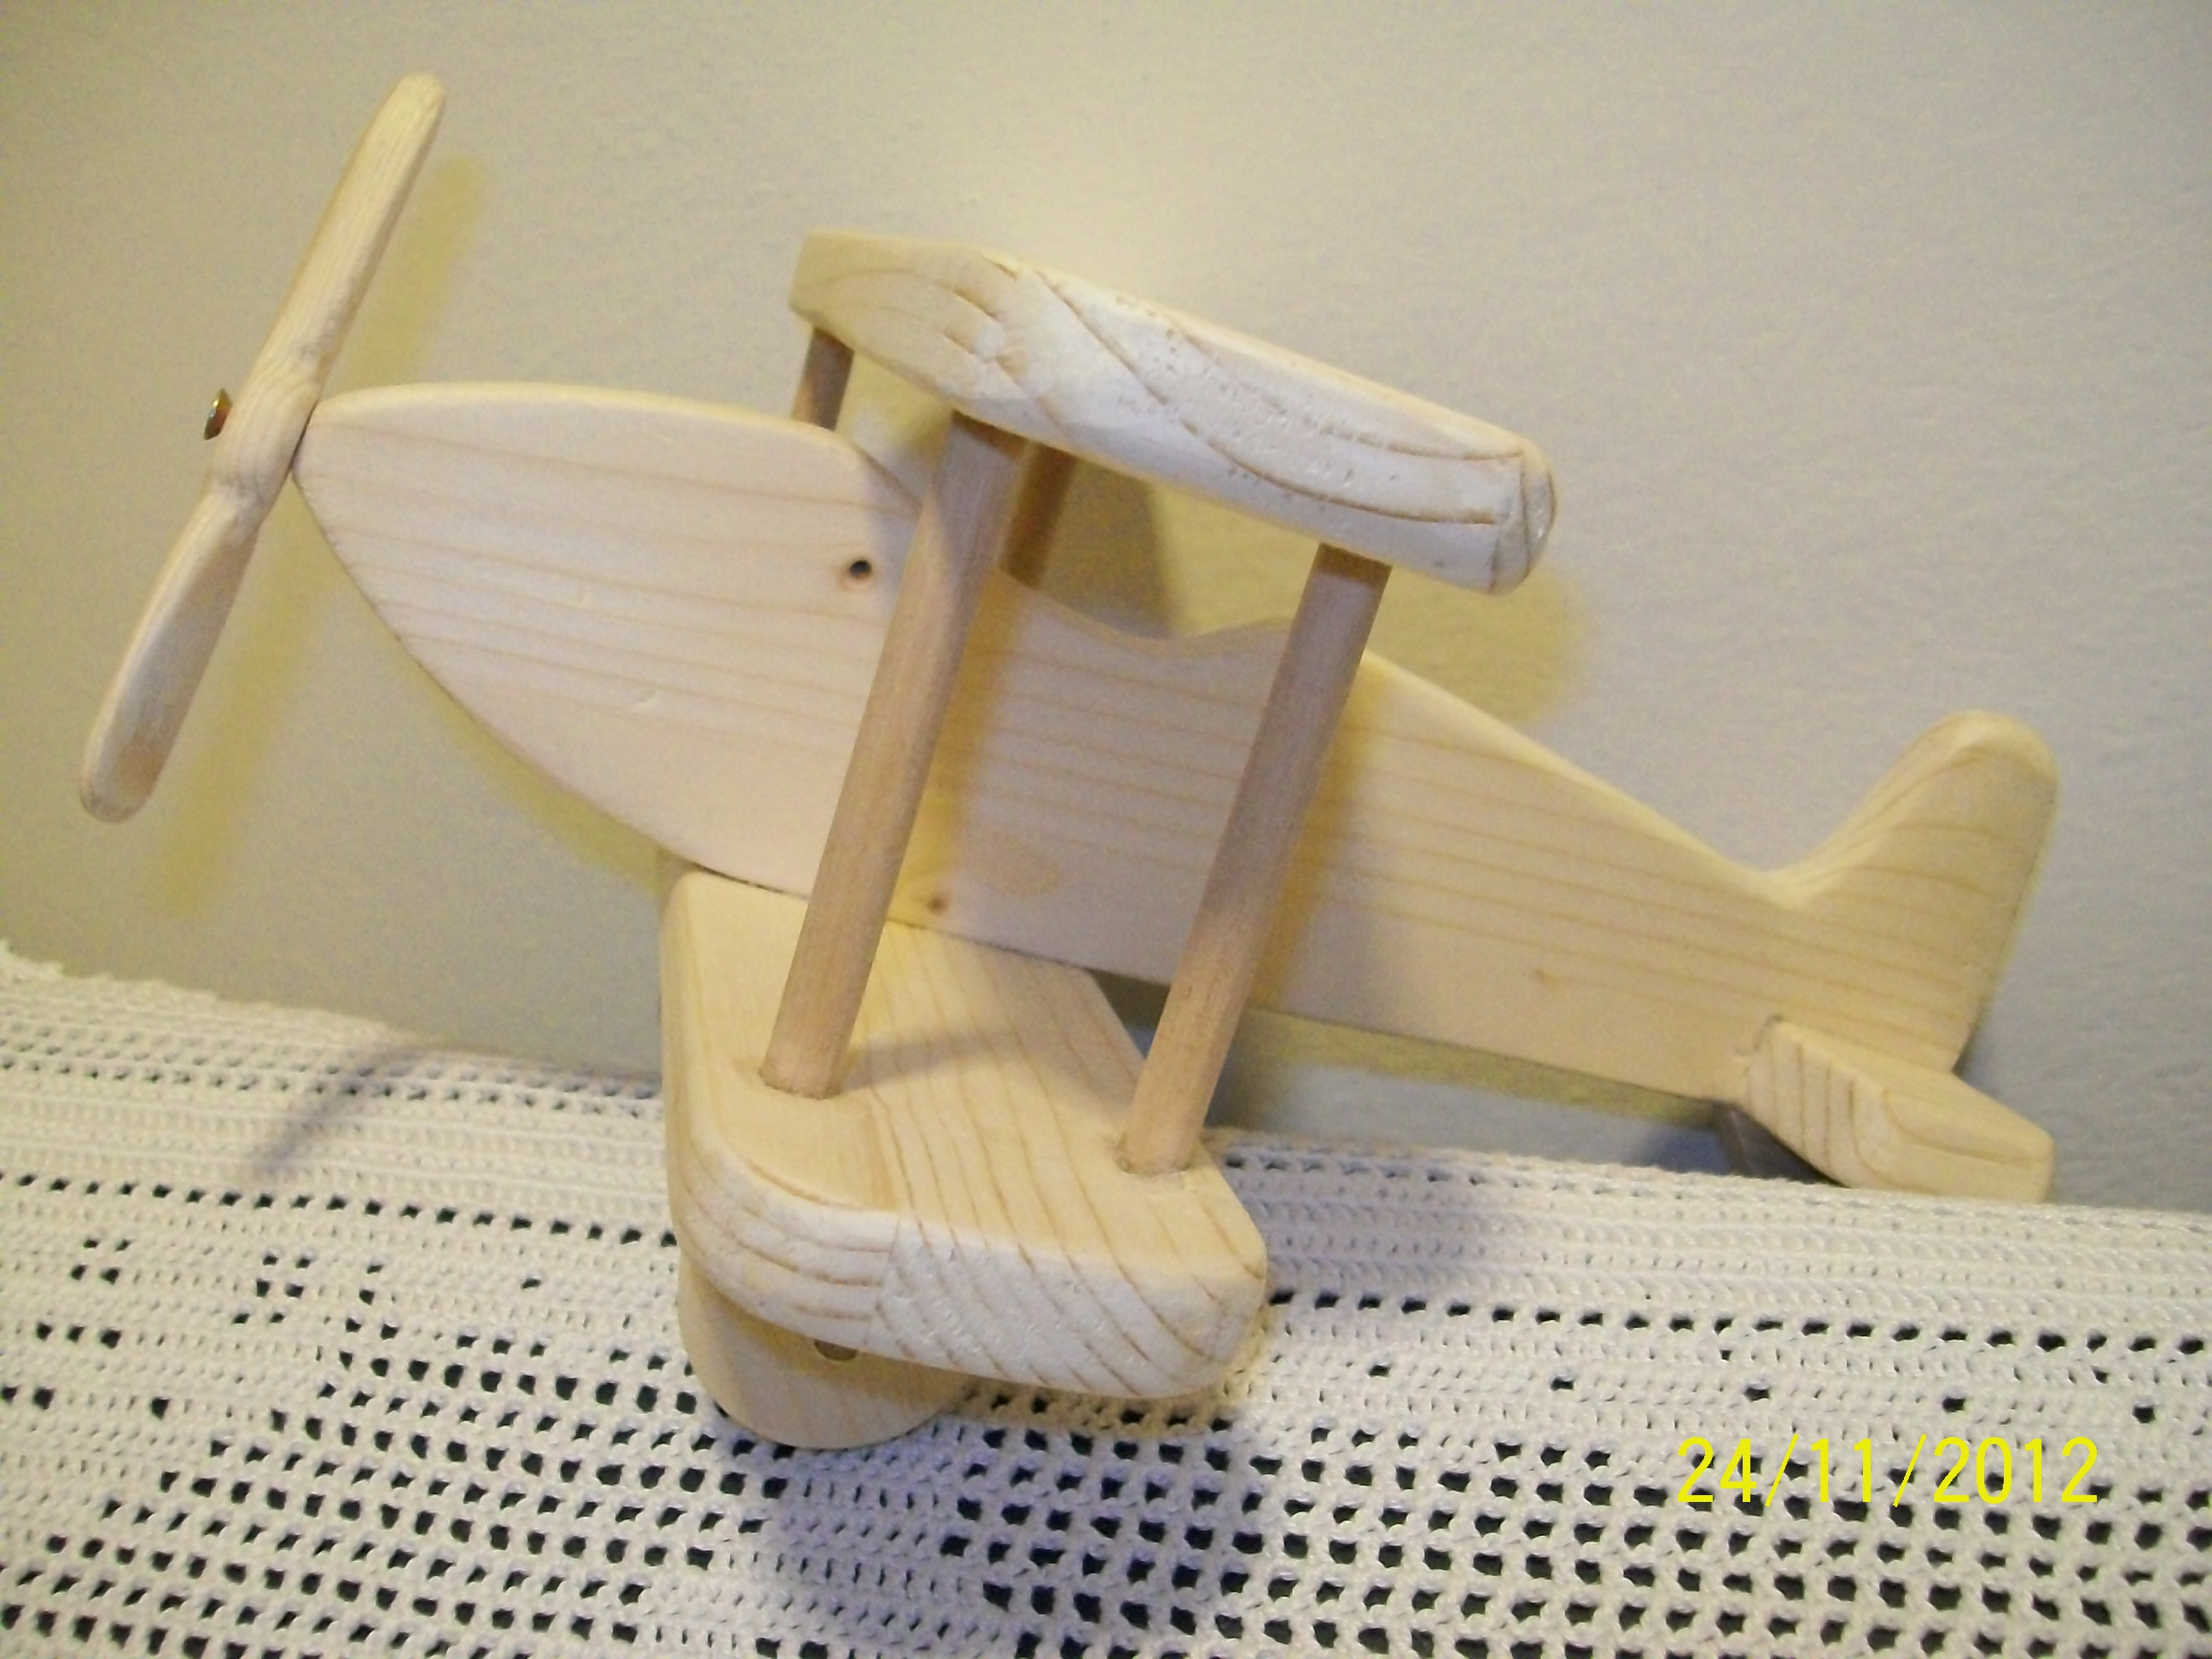 Giochi in legno fai da te pl22 regardsdefemmes for Oggetti fai da te